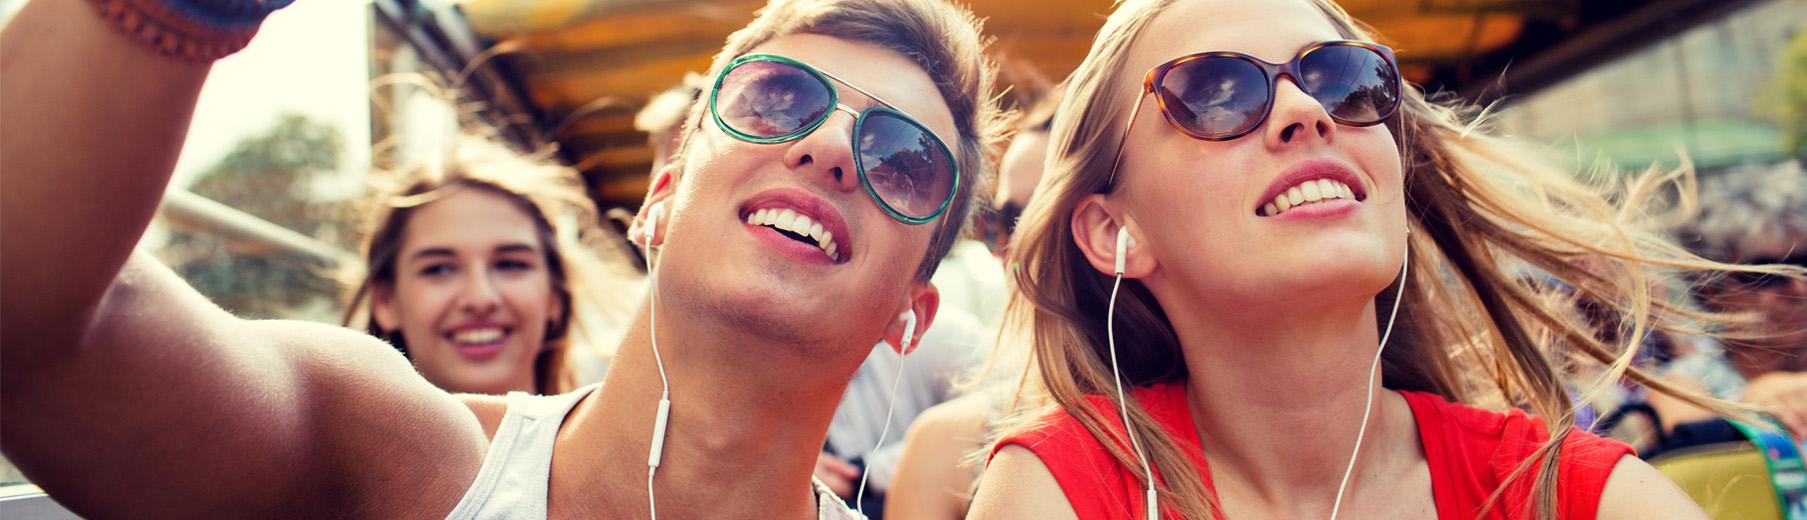 Τα ακουστικά είναι ένα απαραίτητο ταξιδιωτικό gadget